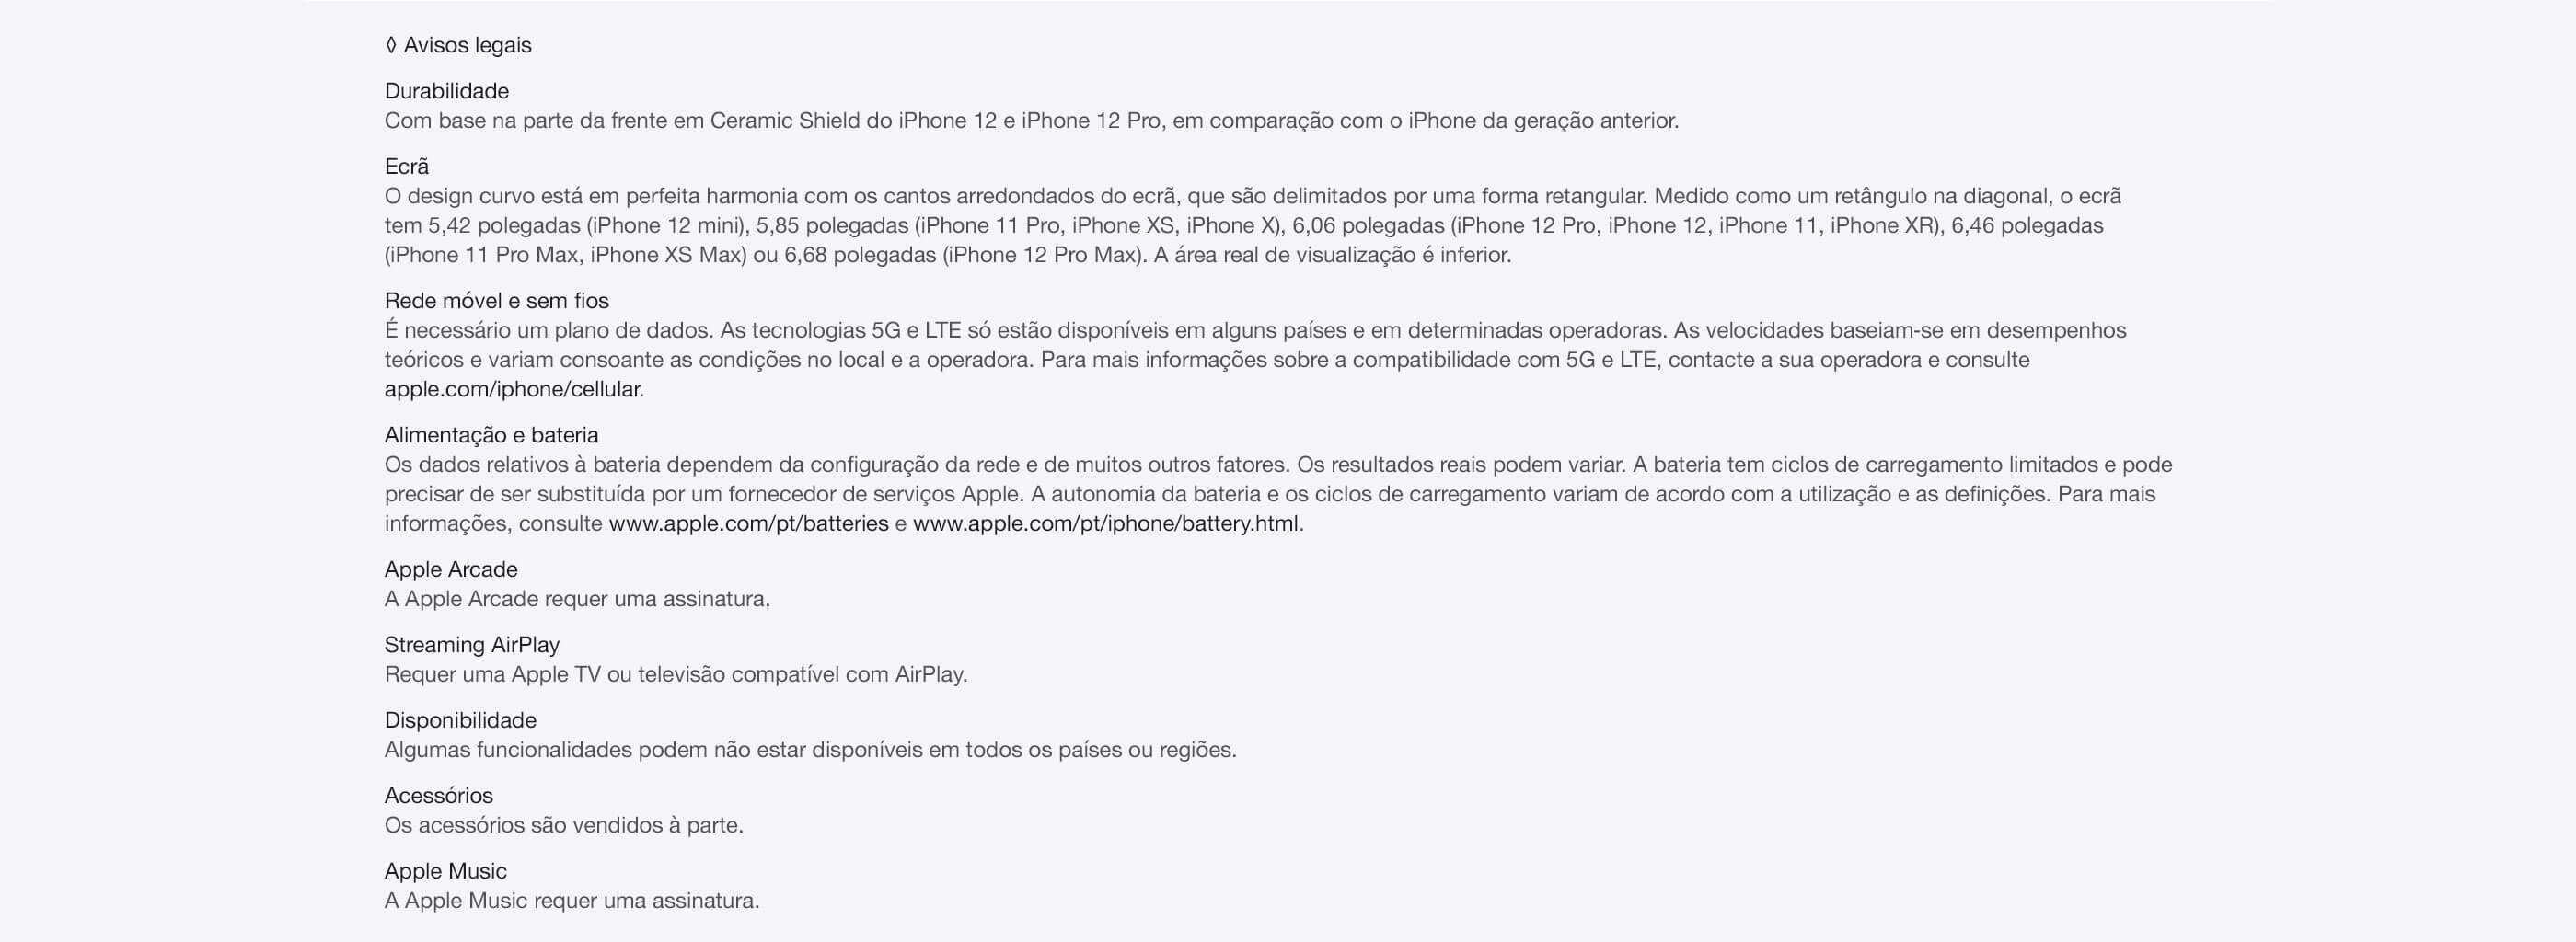 iPhone 12 e iPhone 12 Mini O que torna o iPhone único